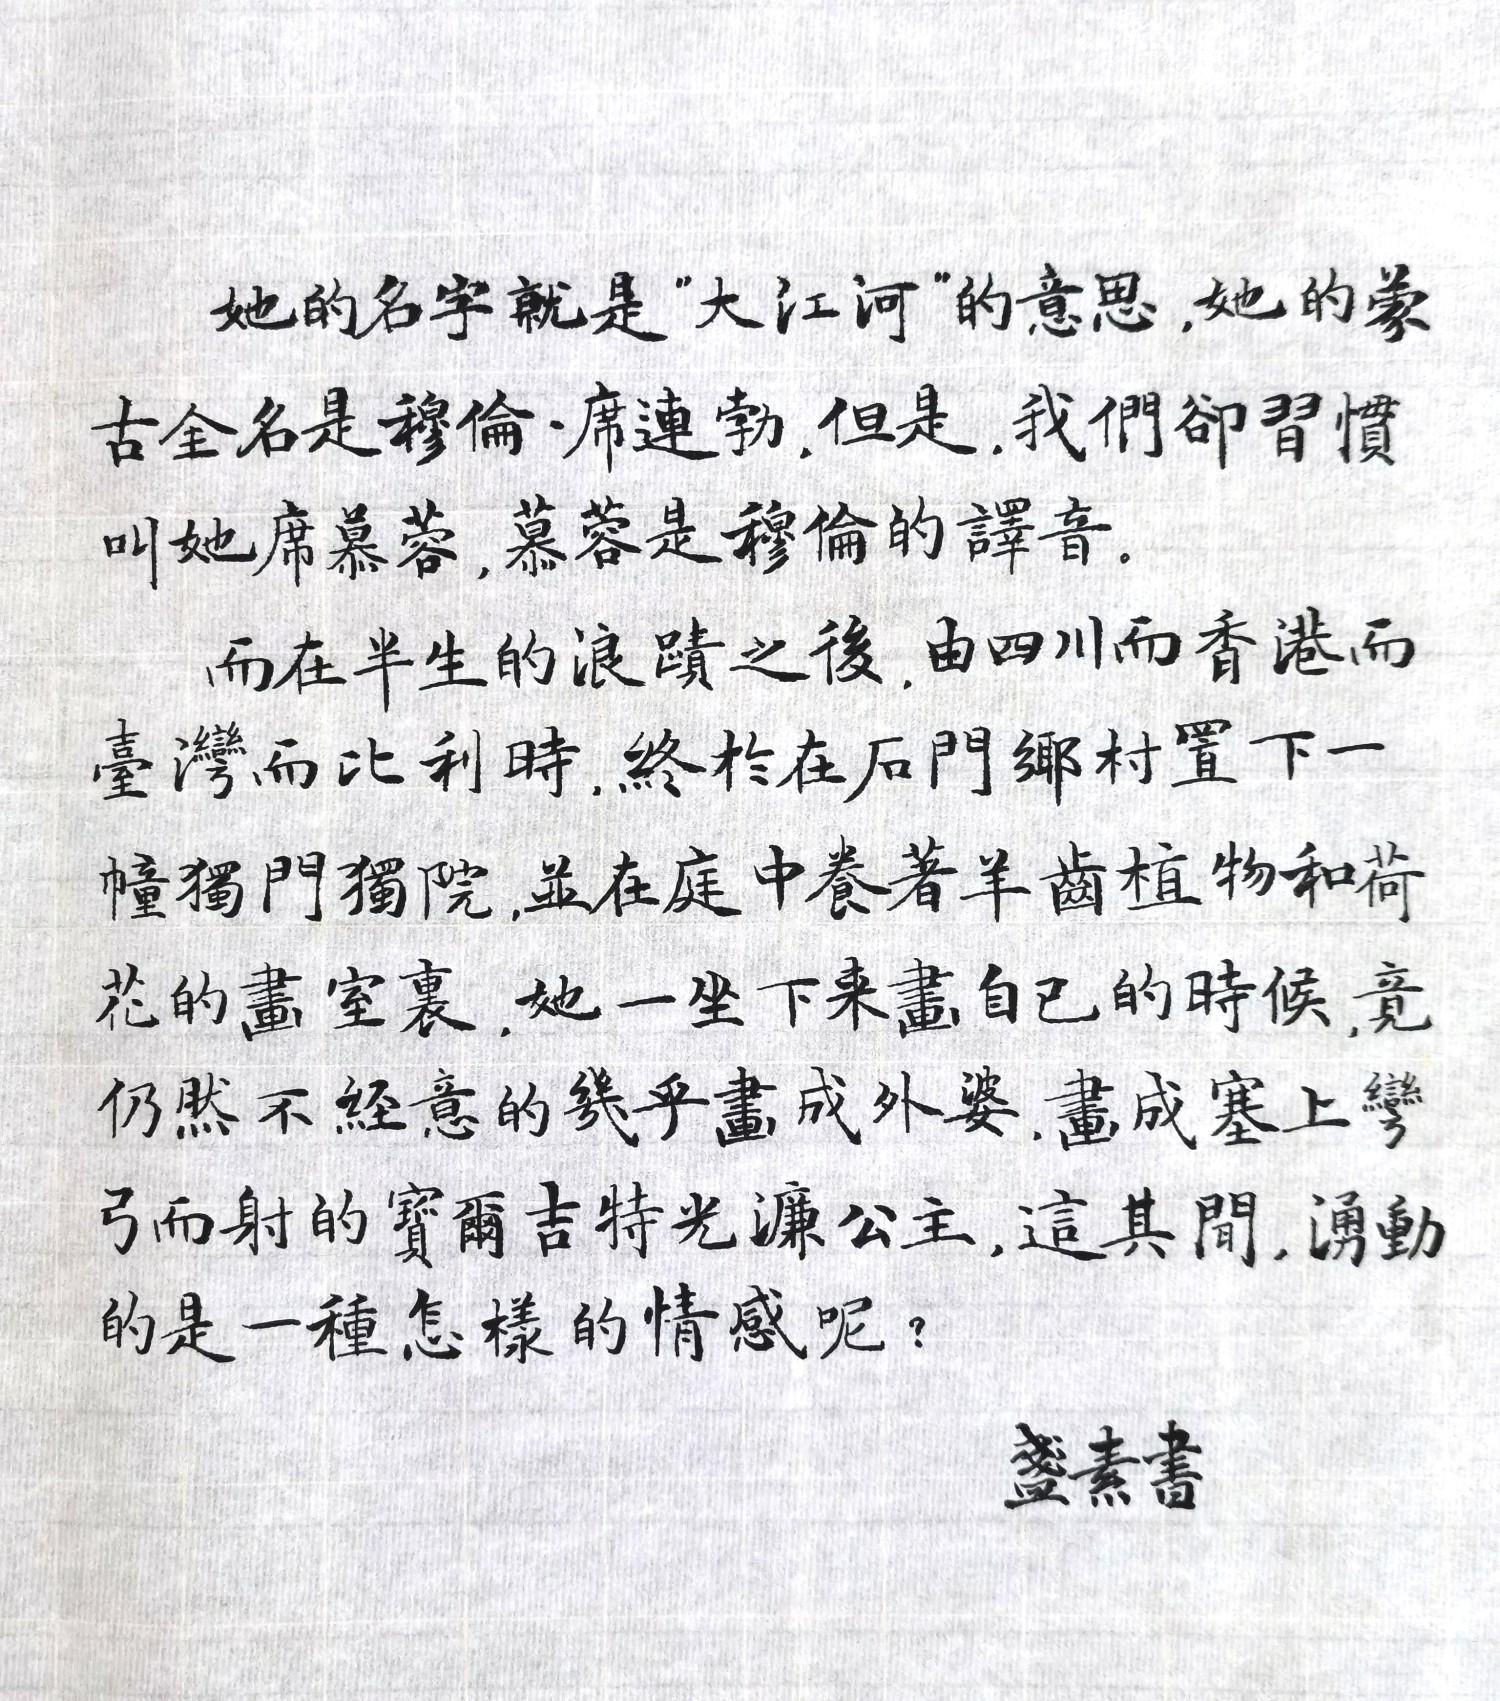 钢笔爱好者练字打卡20210420-02